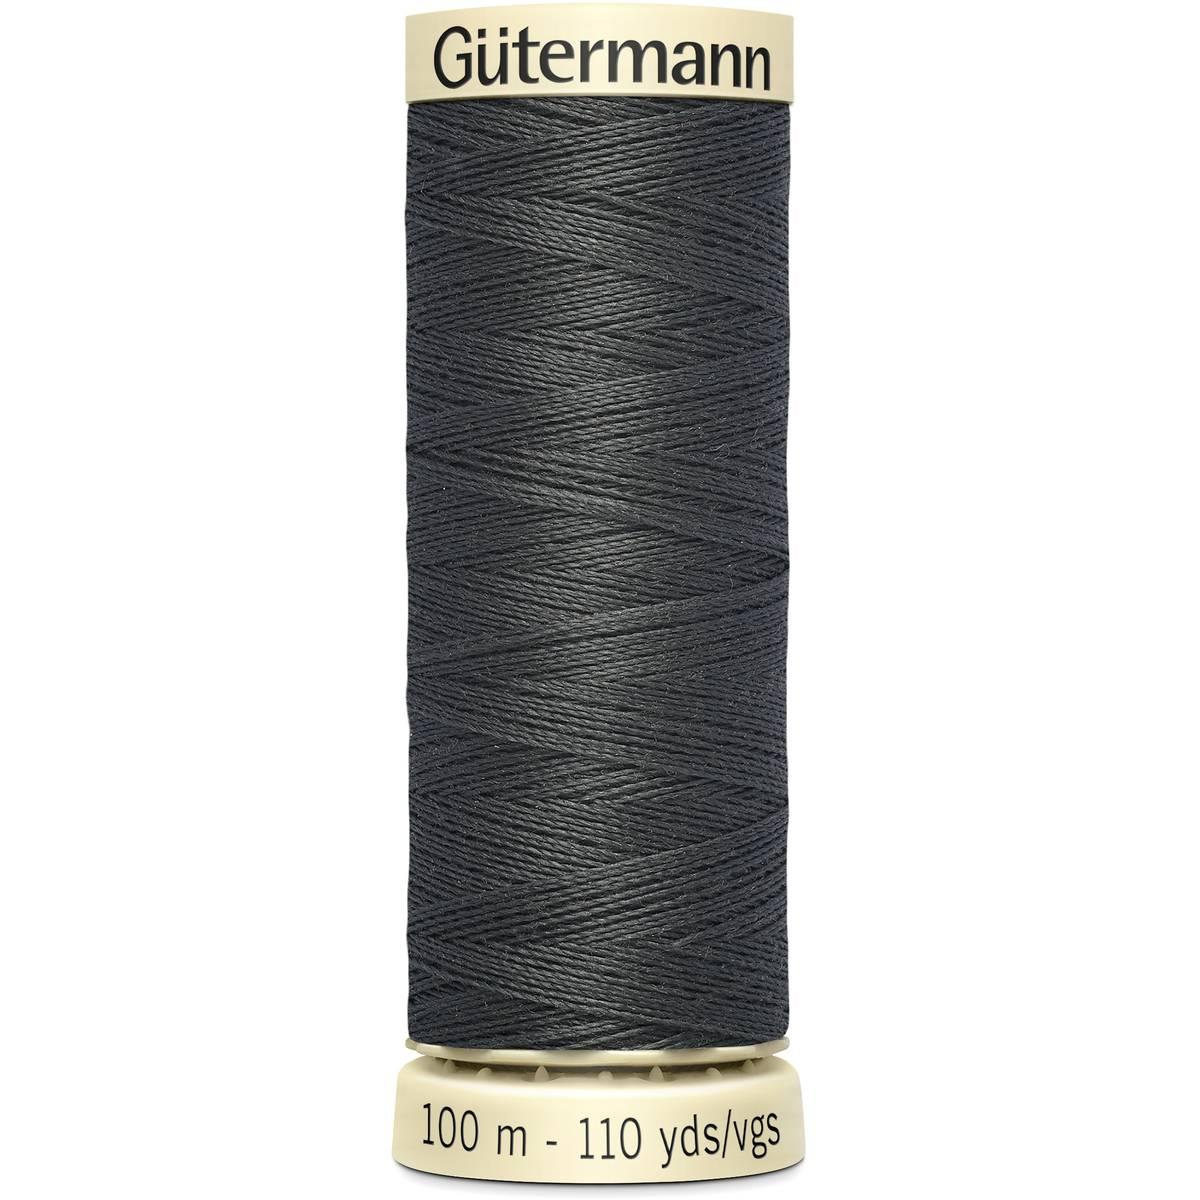 חוט תפירה גוטרמן - Grey 36